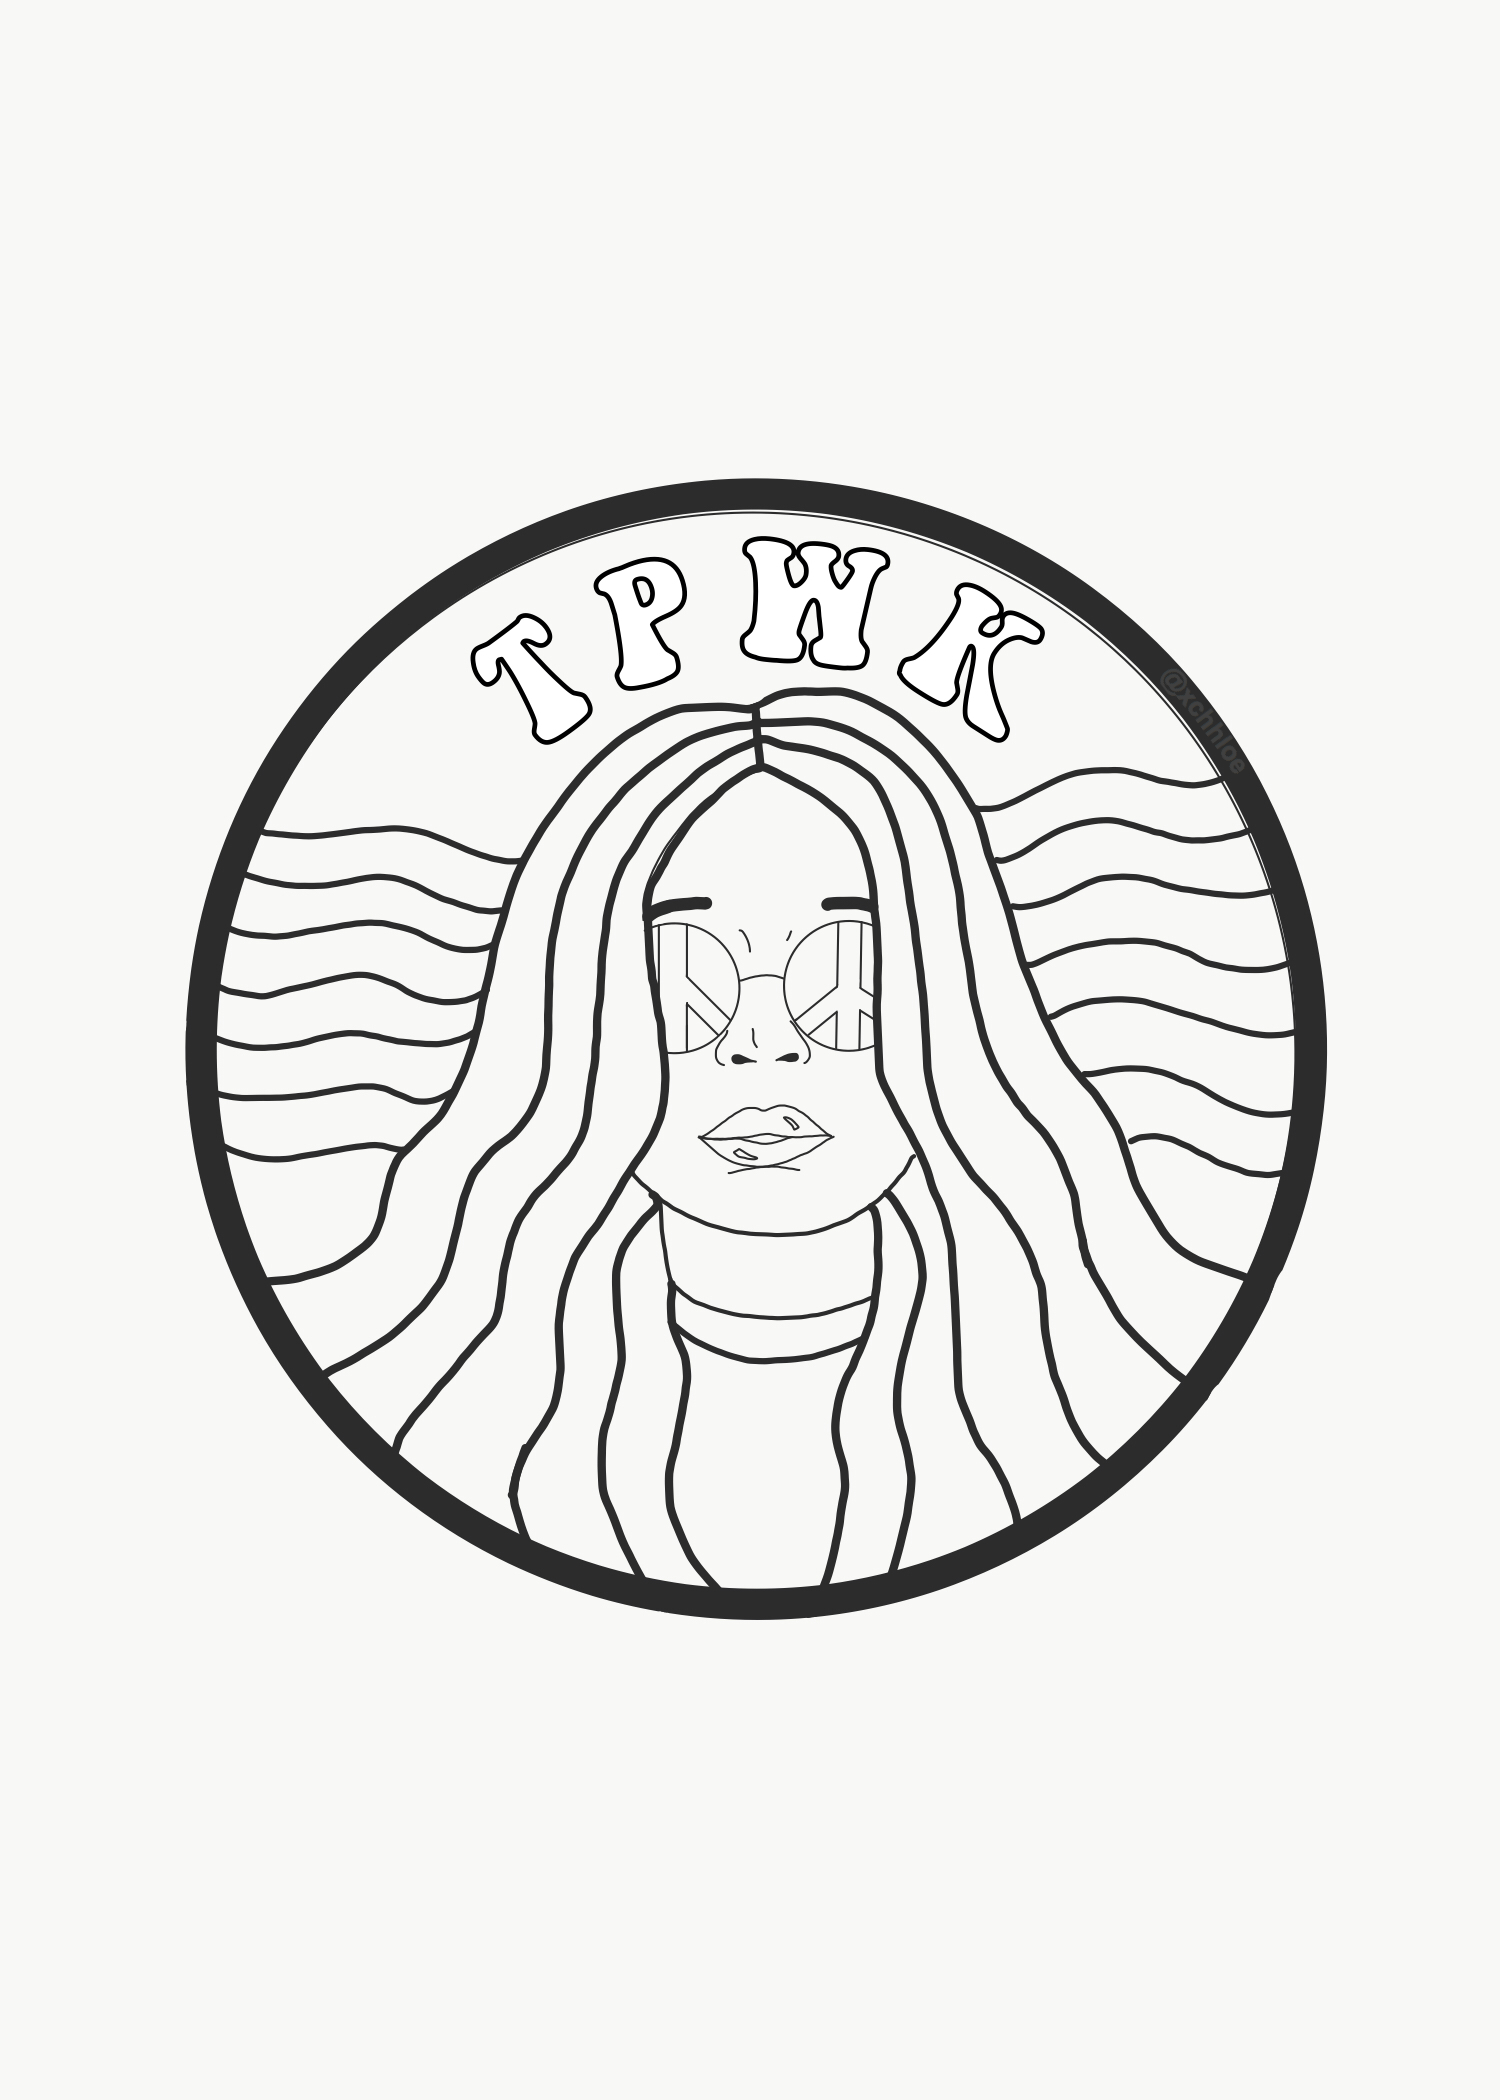 Pin de Lyra Prestbo en Colouring books en 2020 Dibujos